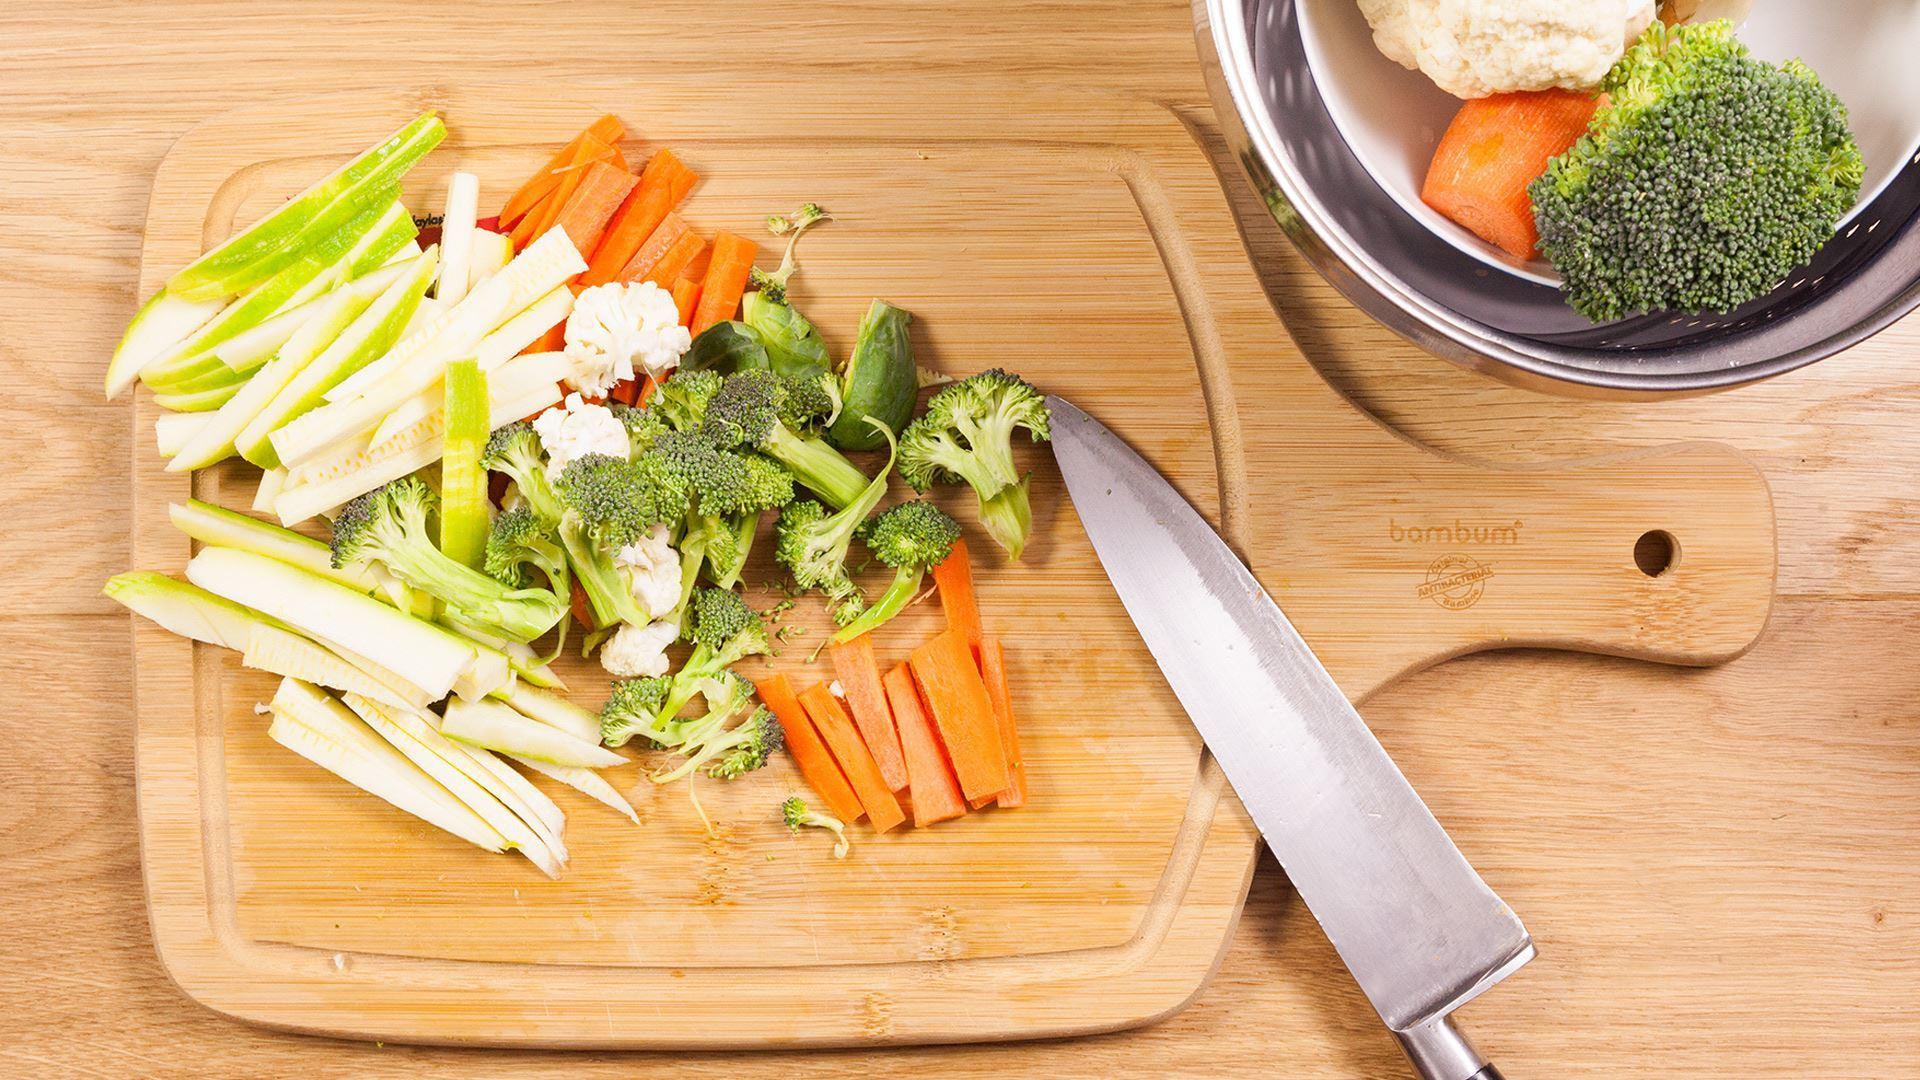 Sebzenin Vitaminini Kaybetmemek İçin Pişirme Önerileri